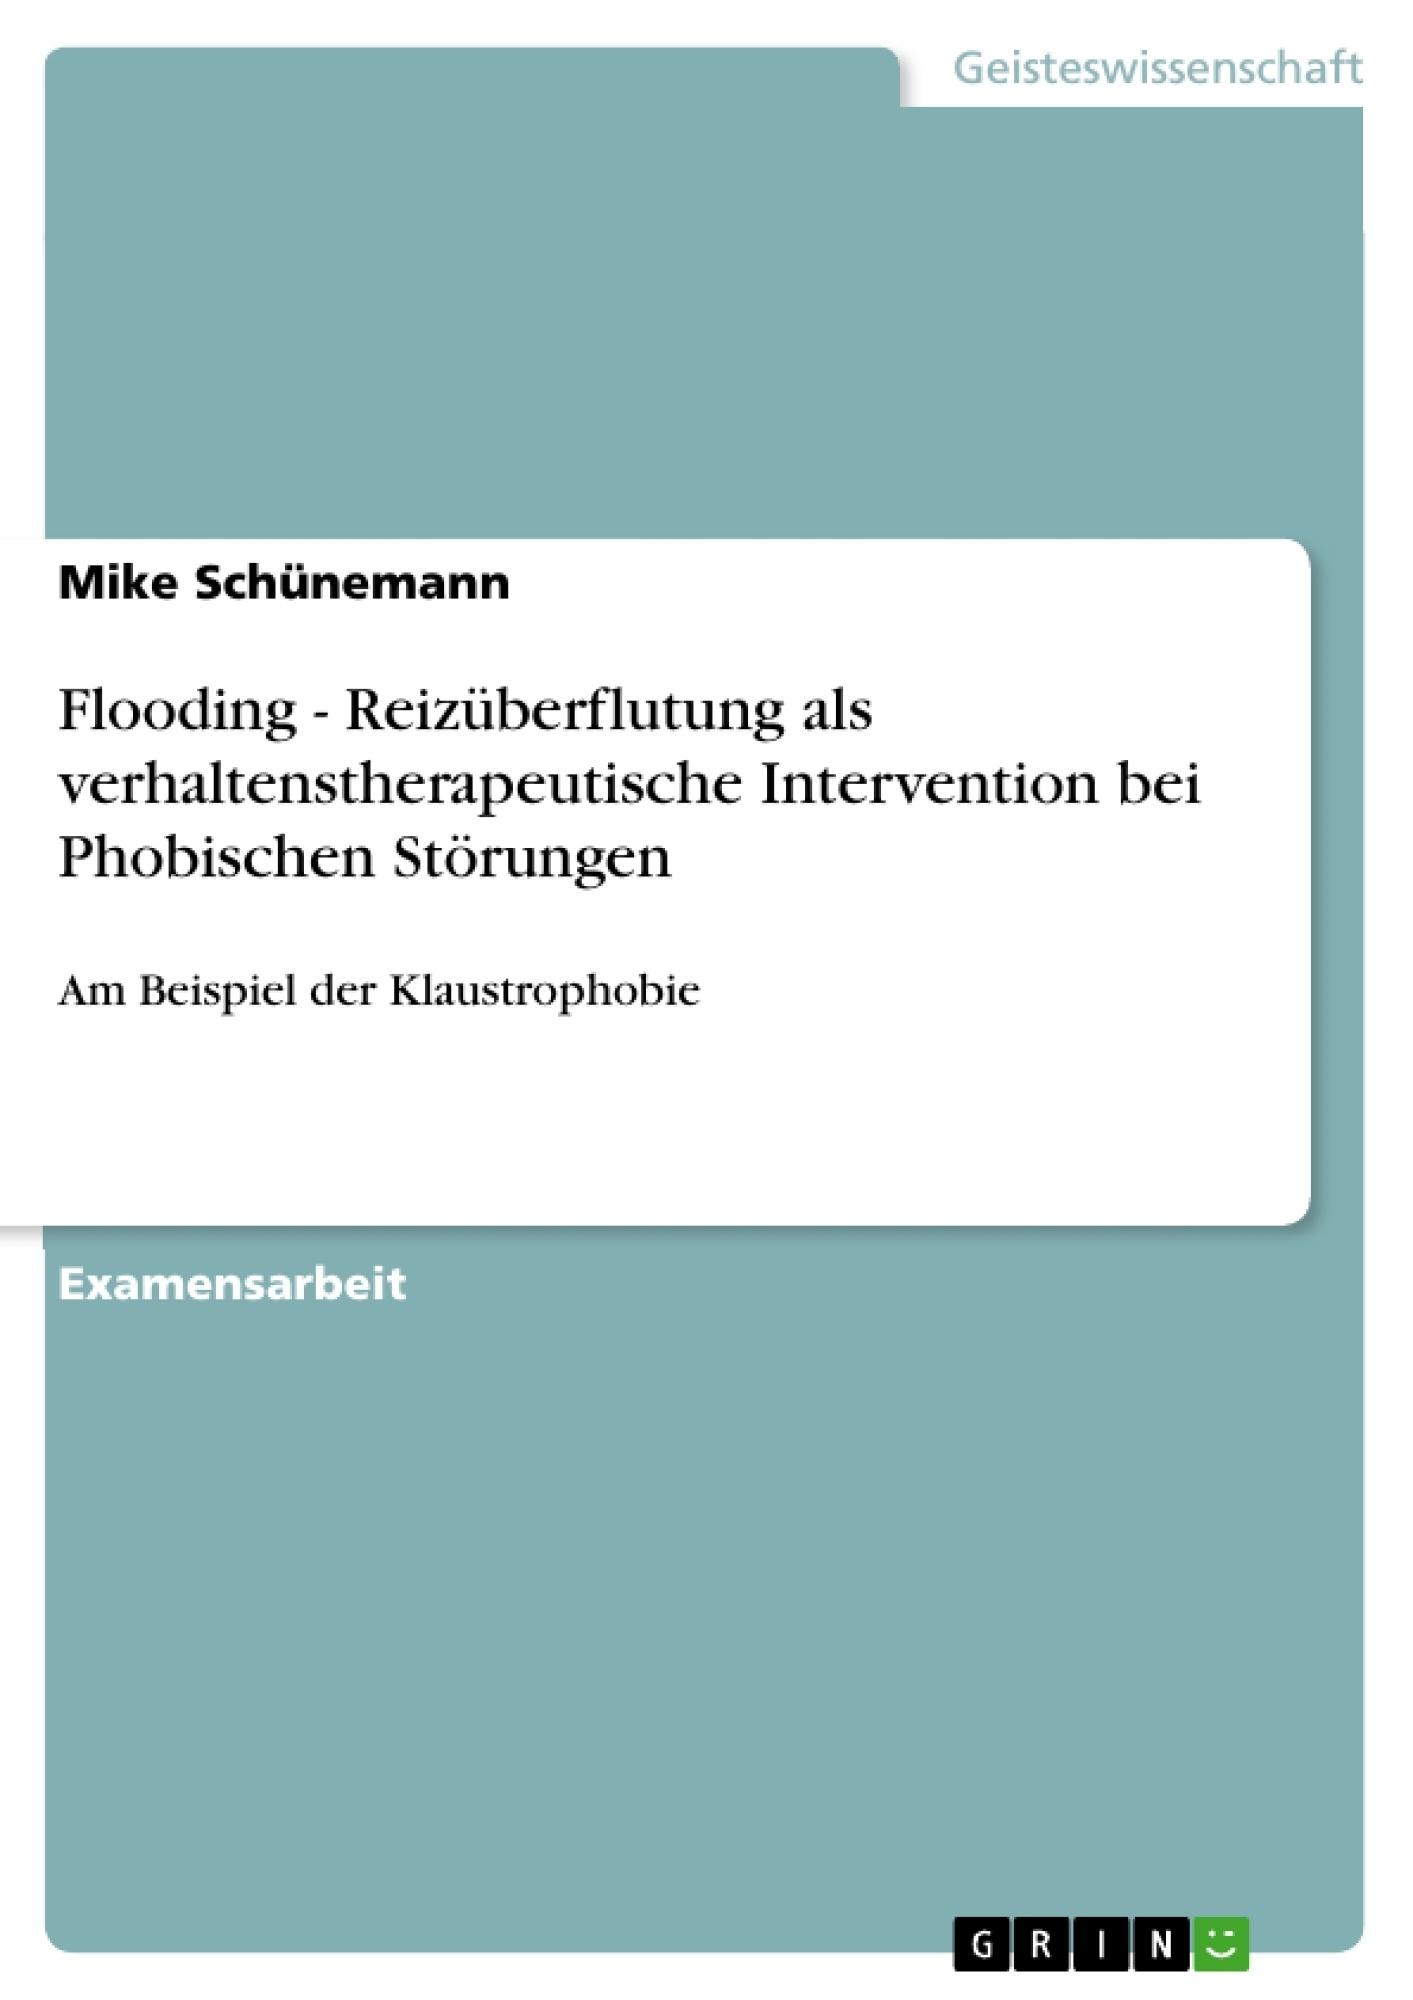 Titel: Flooding - Reizüberflutung als verhaltenstherapeutische Intervention bei Phobischen Störungen